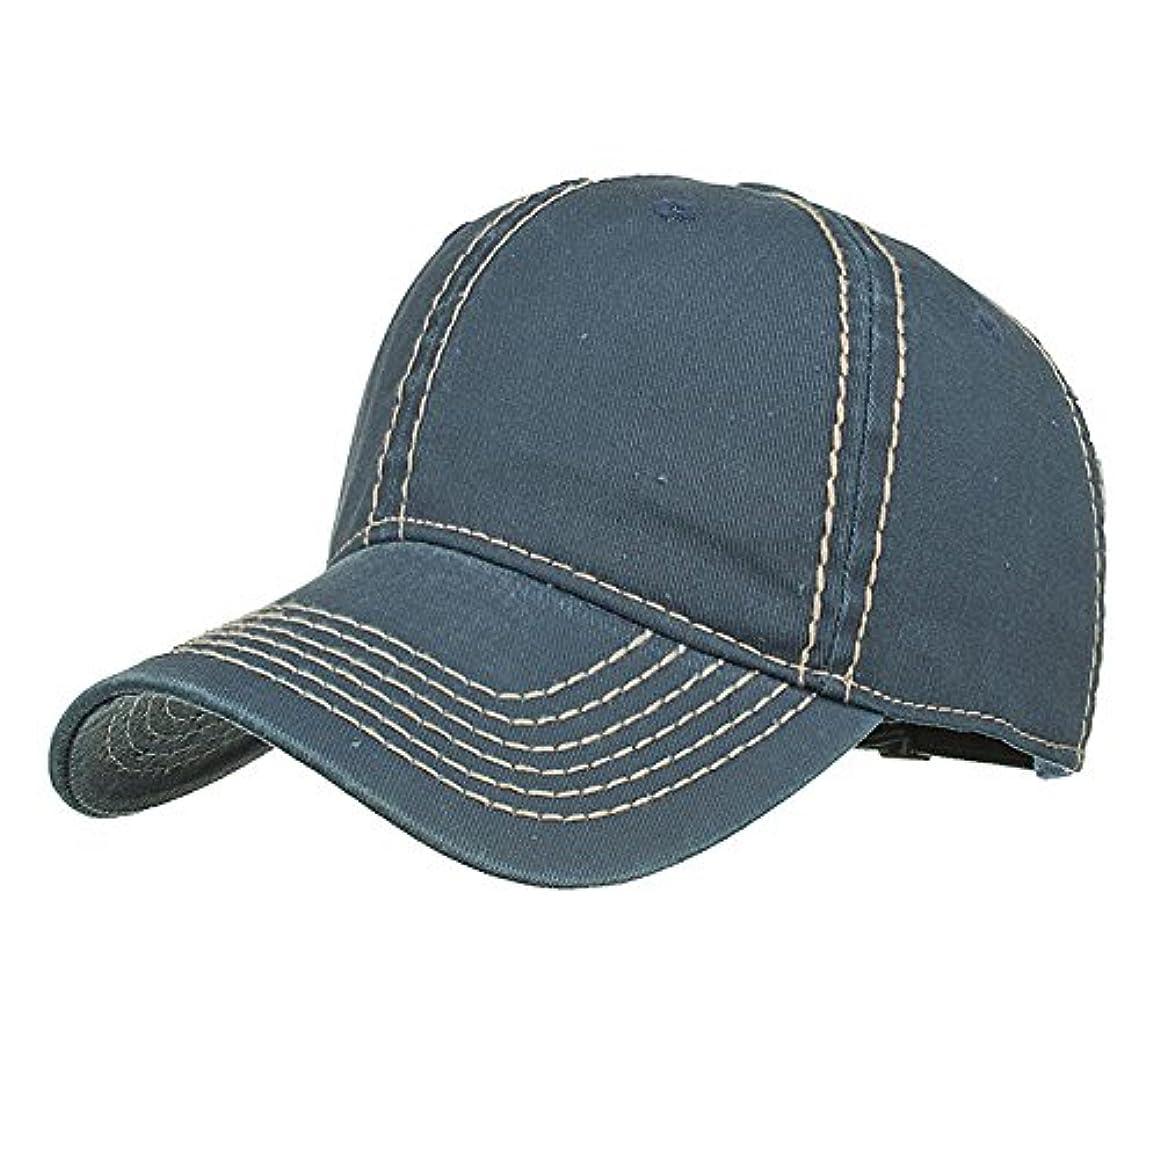 文字報いる妨げるRacazing Cap 無地 野球帽 キャップ 夏 登山 通気性のある 帽子 ベルクロ 可調整可能 刺繍 棒球帽 UV 帽子 軽量 屋外 Unisex Hat (C)